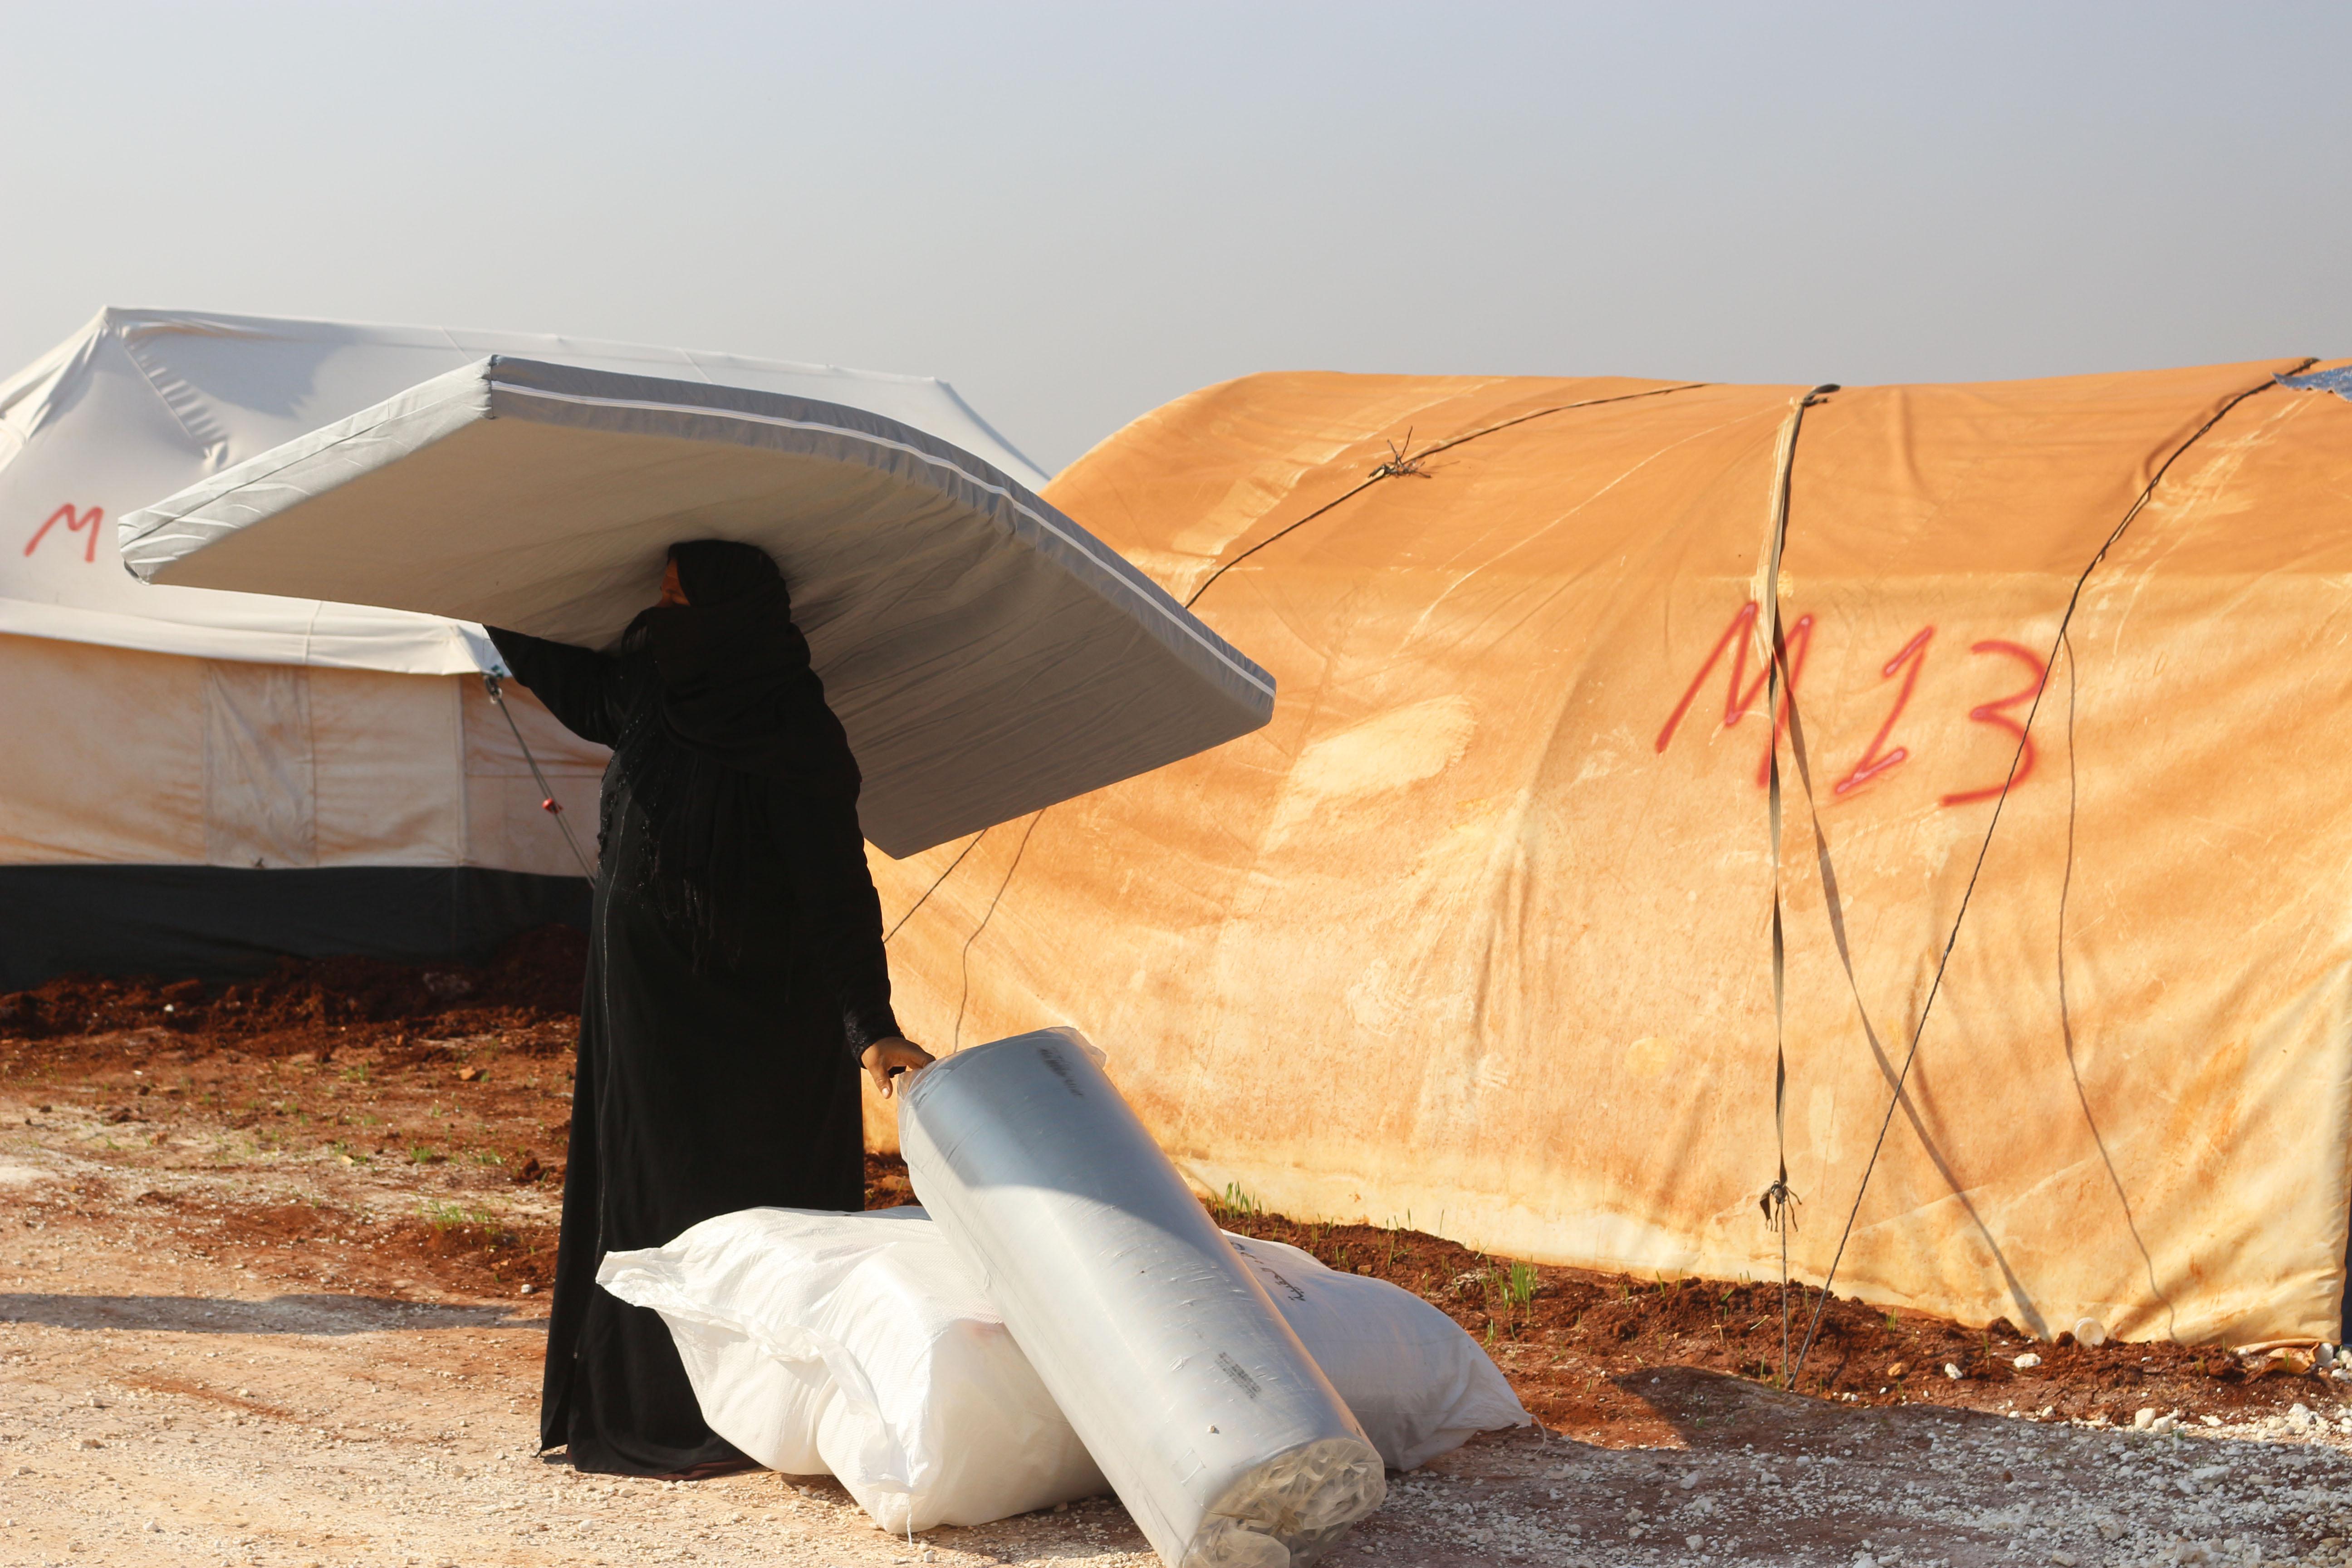 Binnenvertriebene: Eine Vertriebene Frau im Norden Syriens erhält Hilfsgüter von ShelterBox